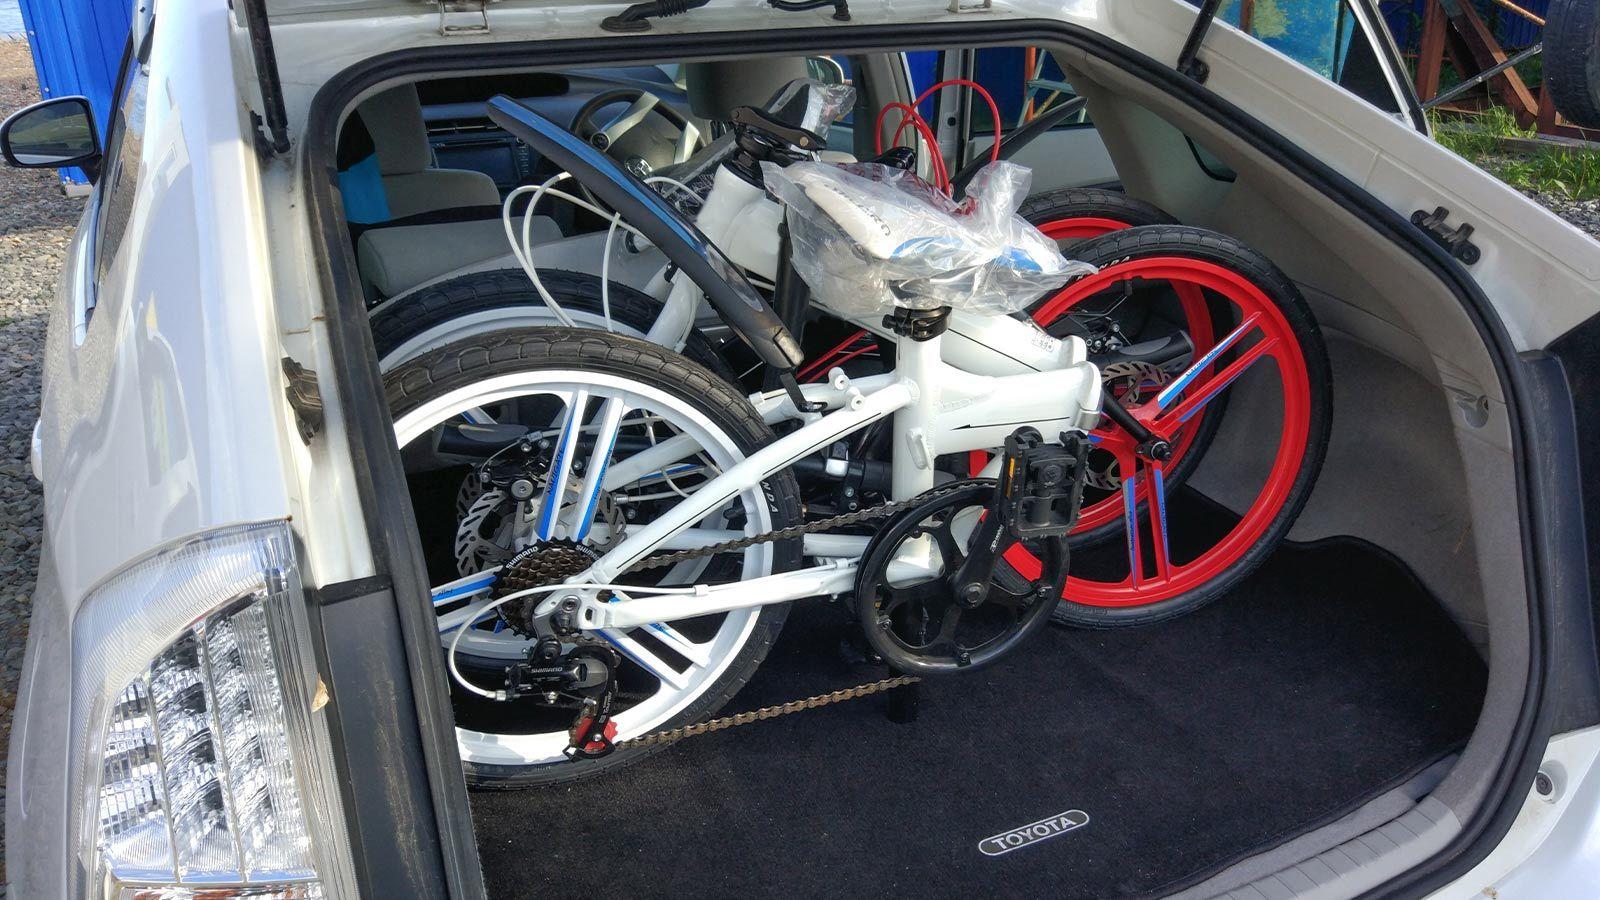 в багажнике складные велосипеды